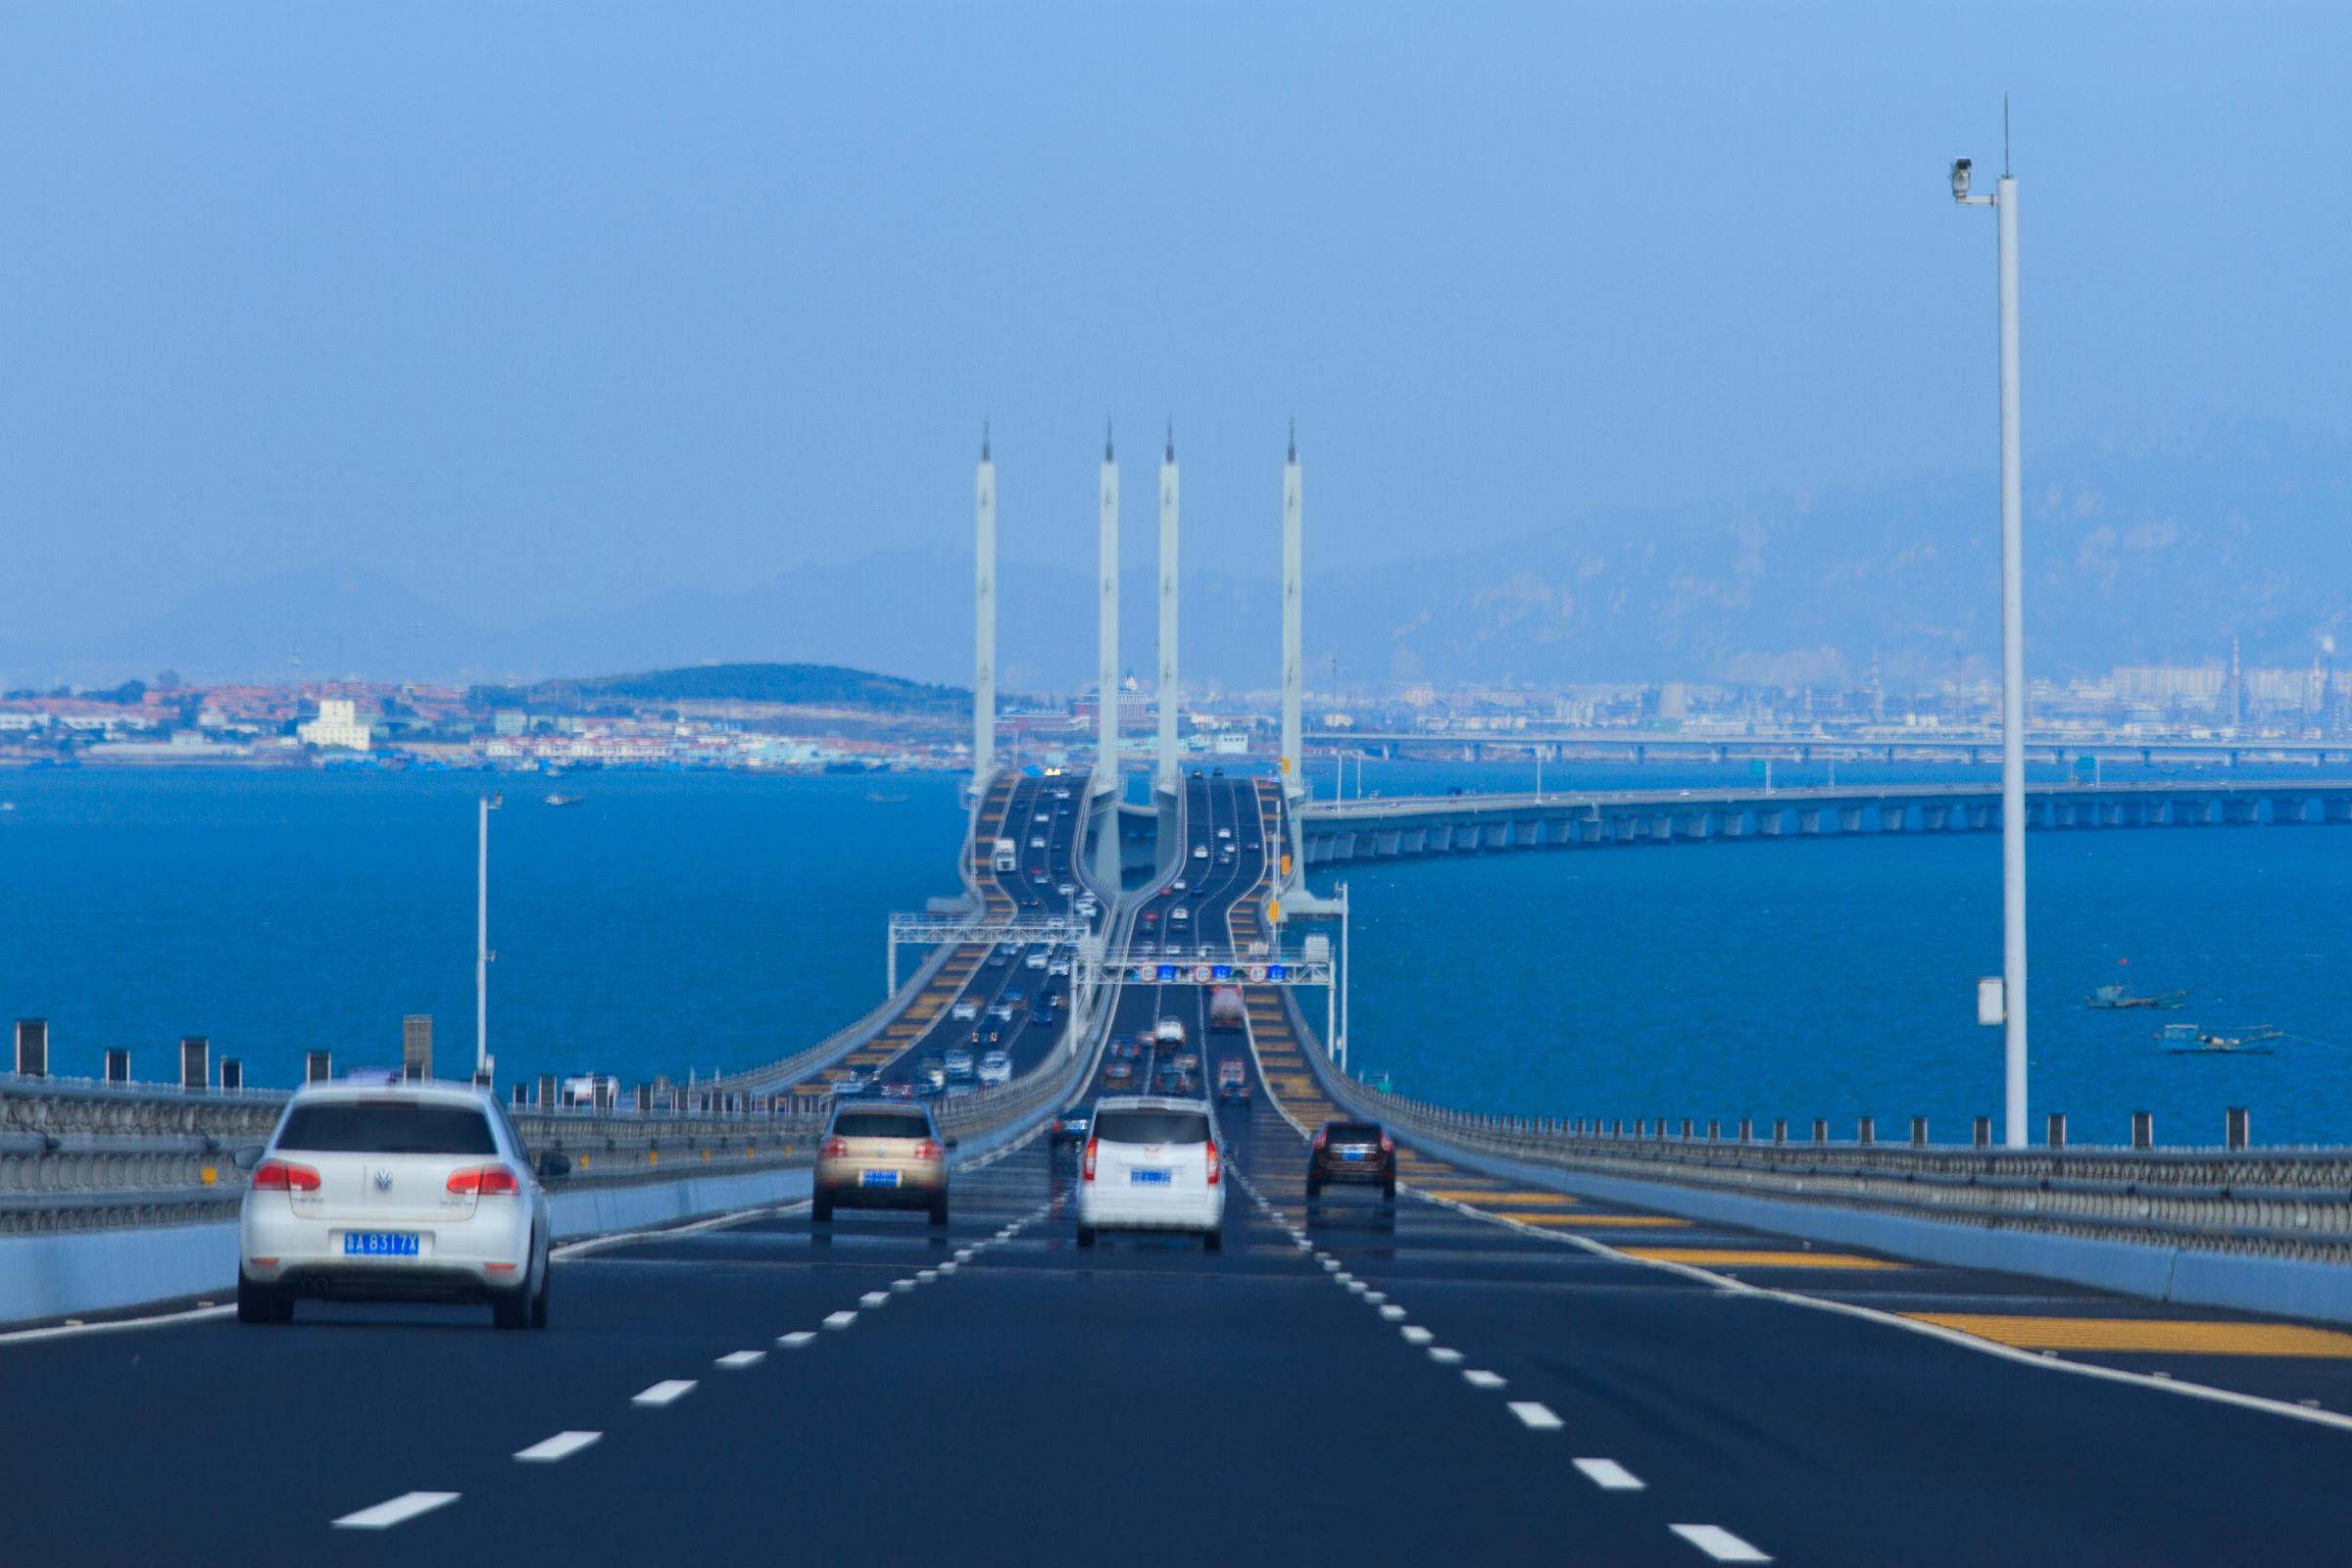 沁园春.庆祝港珠澳跨海大桥建成通车 - 牧云安城 - xac1439757464的博客